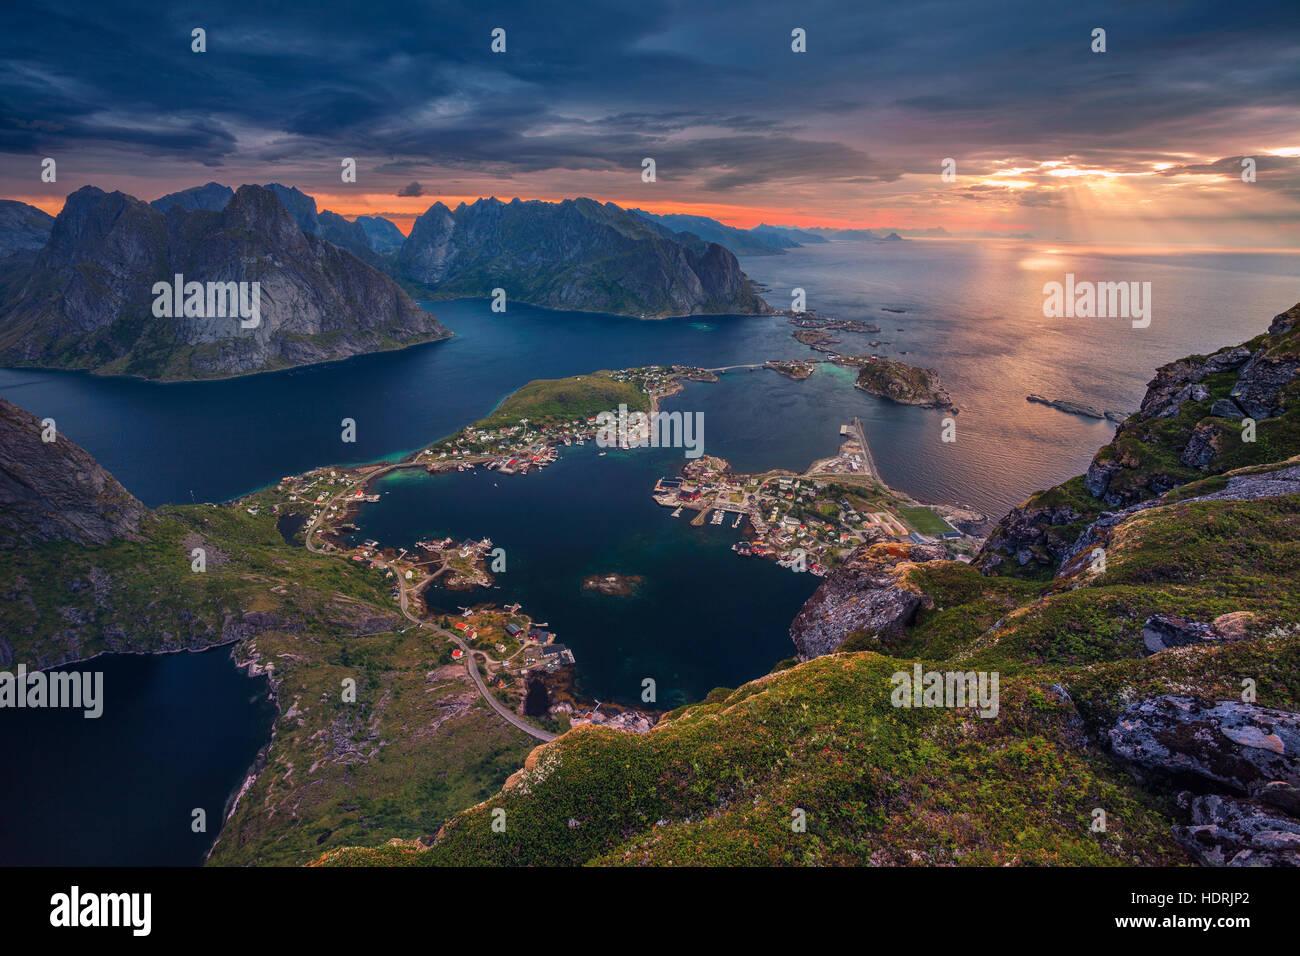 Norway. View from Reinebringen at Lofoten Islands, Norway. - Stock Image